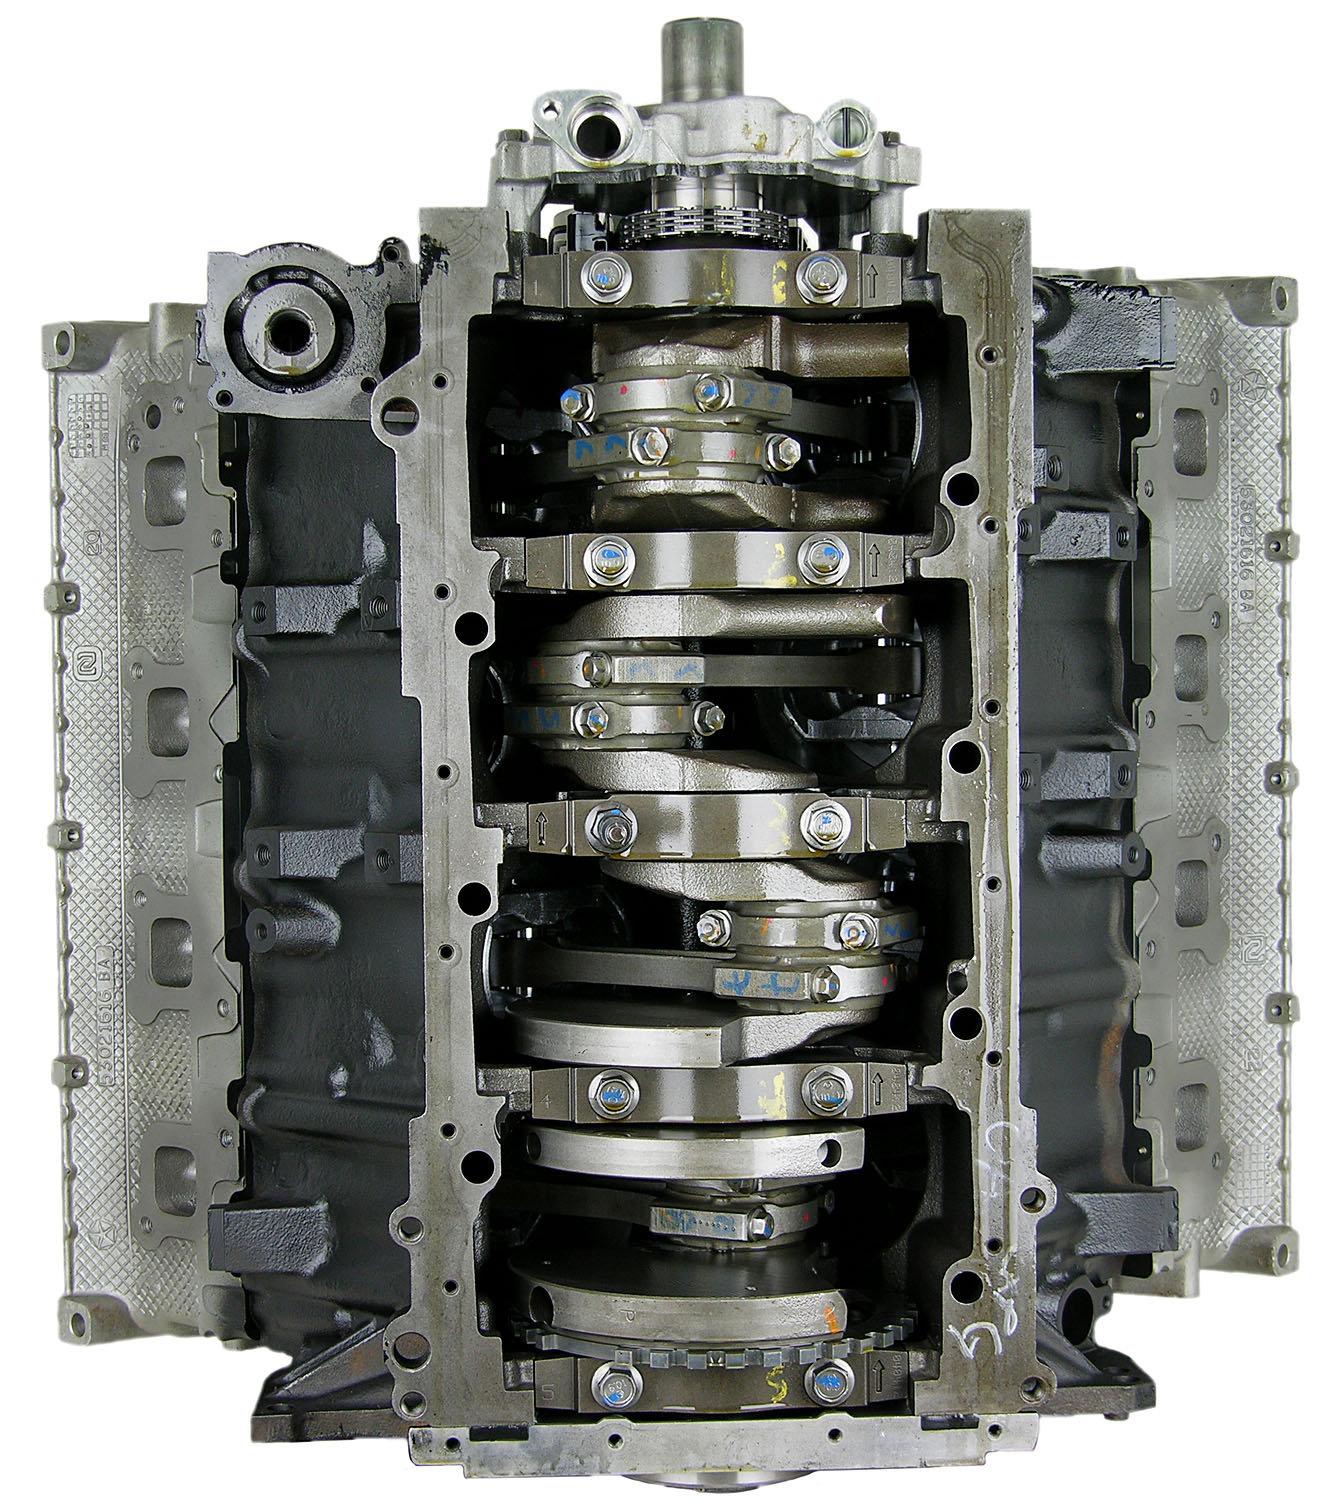 5.7 V8 Engine 2007 Chrysler Aspen